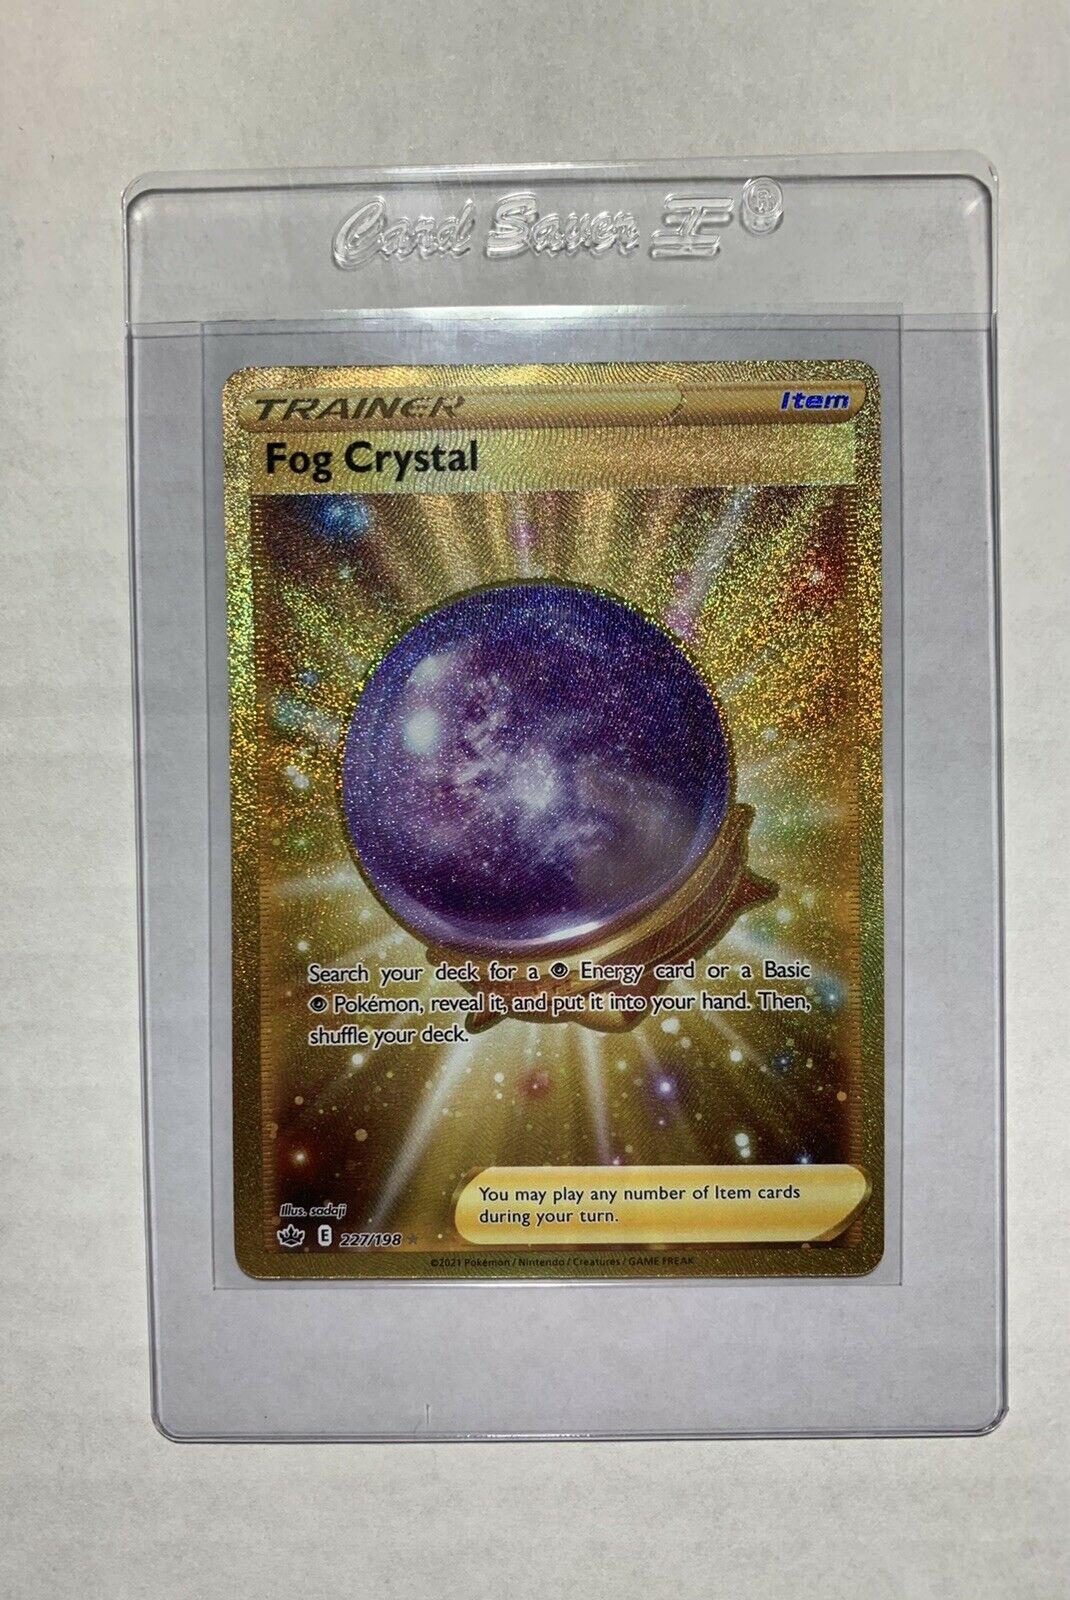 Fog Crystal 227/198 Secret Rare Gold - Chilling Reign Trainer Item